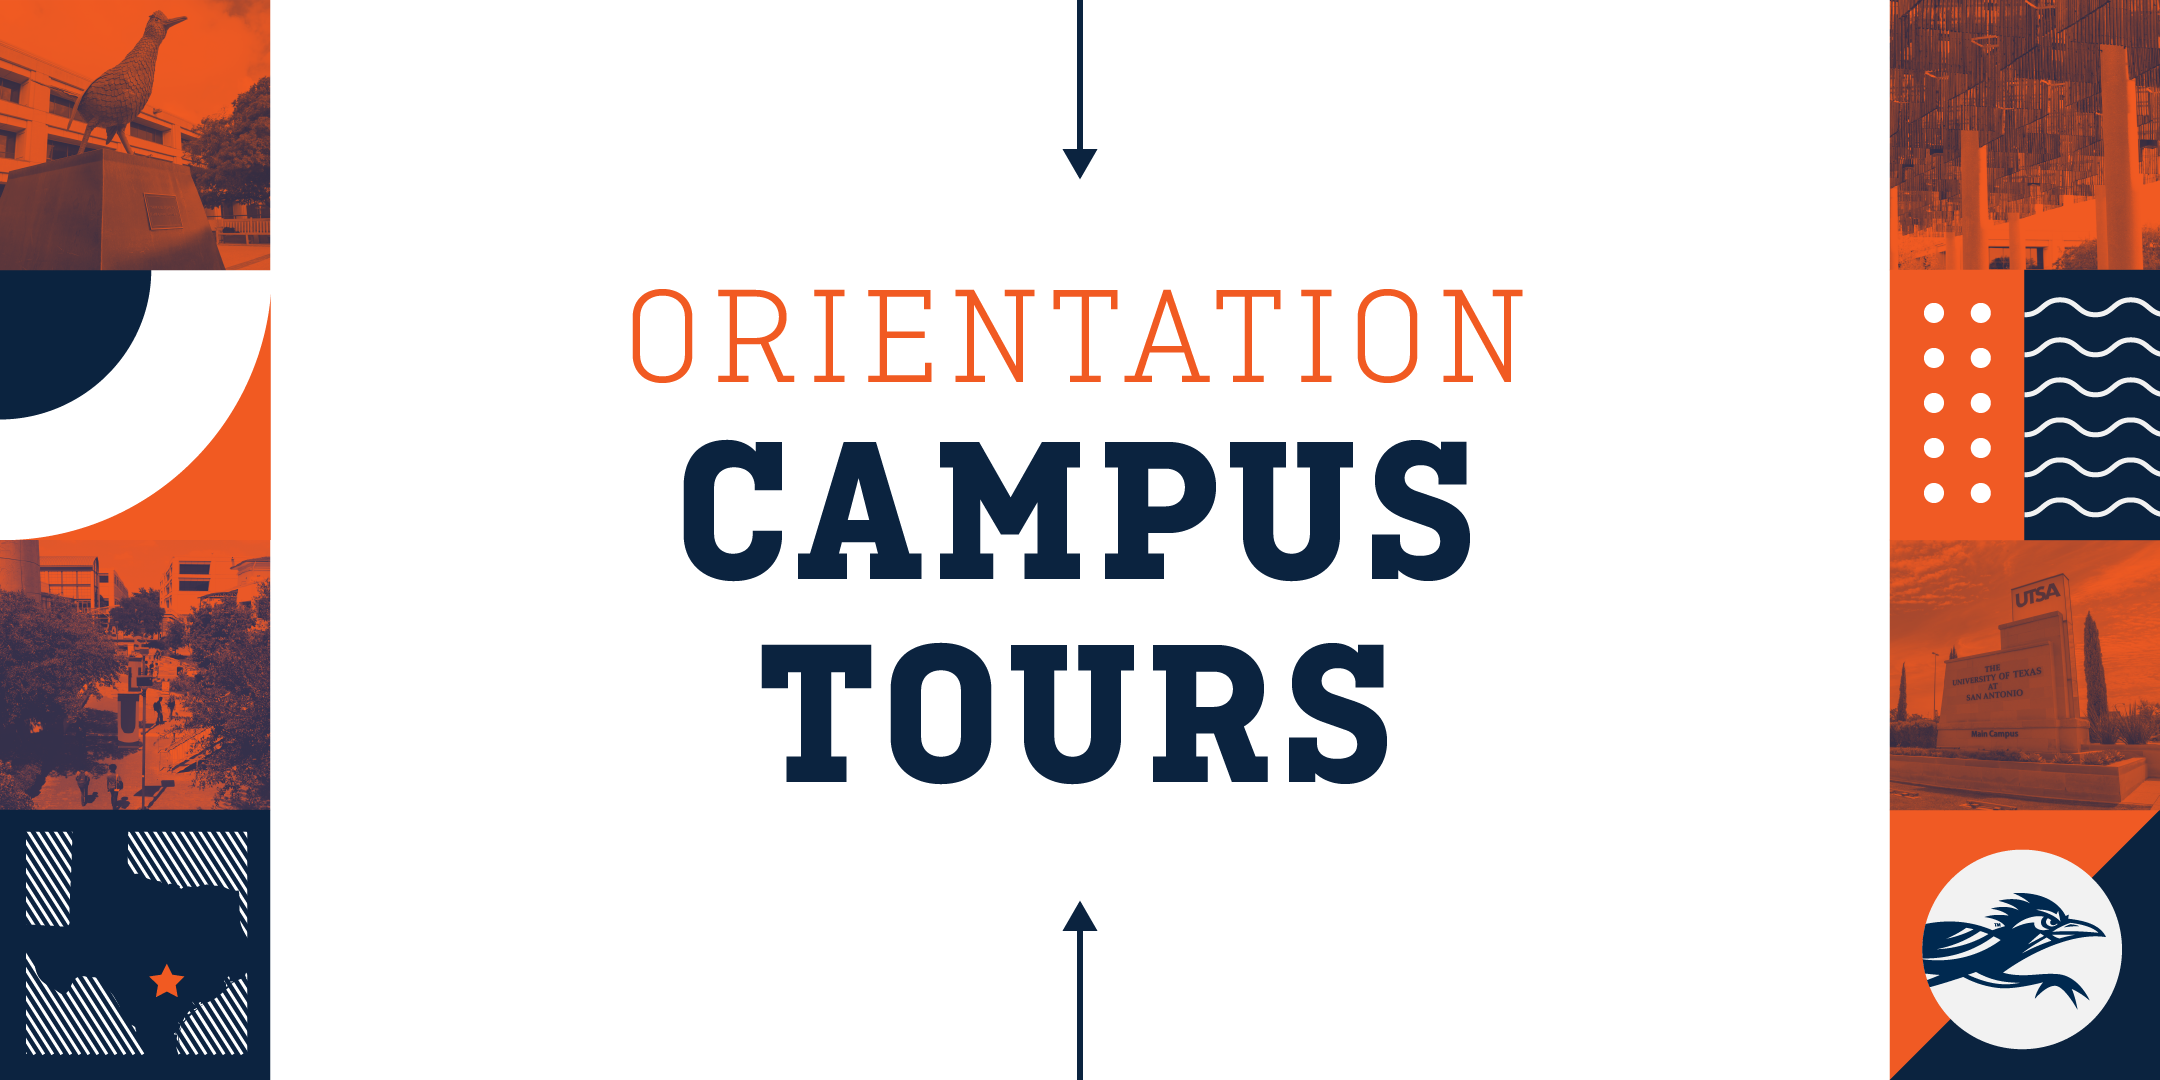 UTSA Orientation Campus Tours Events